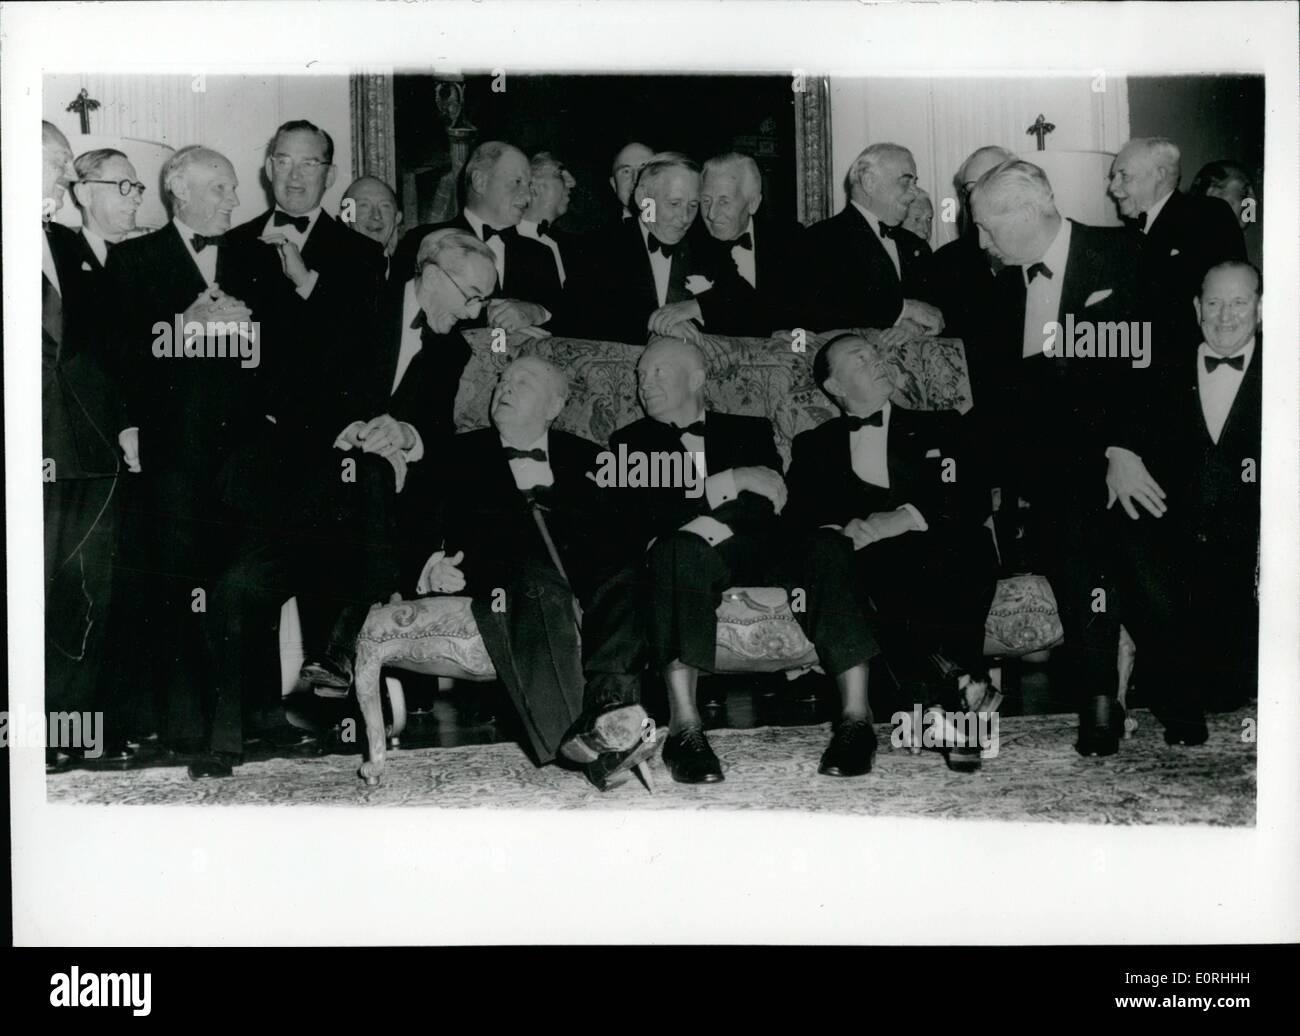 Septiembre 09, 1959 - el Presidente Eisenhower's War-Time camaradas vaya a su partido en Winfield House: Los hombres cuyos nombres se convirtió en leyenda durante la II Guerra Mundial- fueron invitados por el partido del presidente Eisenhower celebró anoche en Winfield House, Regent's Park -la residencia del embajador estadounidense en Londres. La imagen muestra: Algunas de las Personalidades famosas en la fiesta - en el sofá -el mariscal de campo Vizconde Alanbrooke charlas a Sir Winston Churchill; con el presidente Eisenhower en el centro y el mariscal de campo Earl Alexander - sentado en el brazo de la derecha es el Sr. Harold Macmillian Imagen De Stock